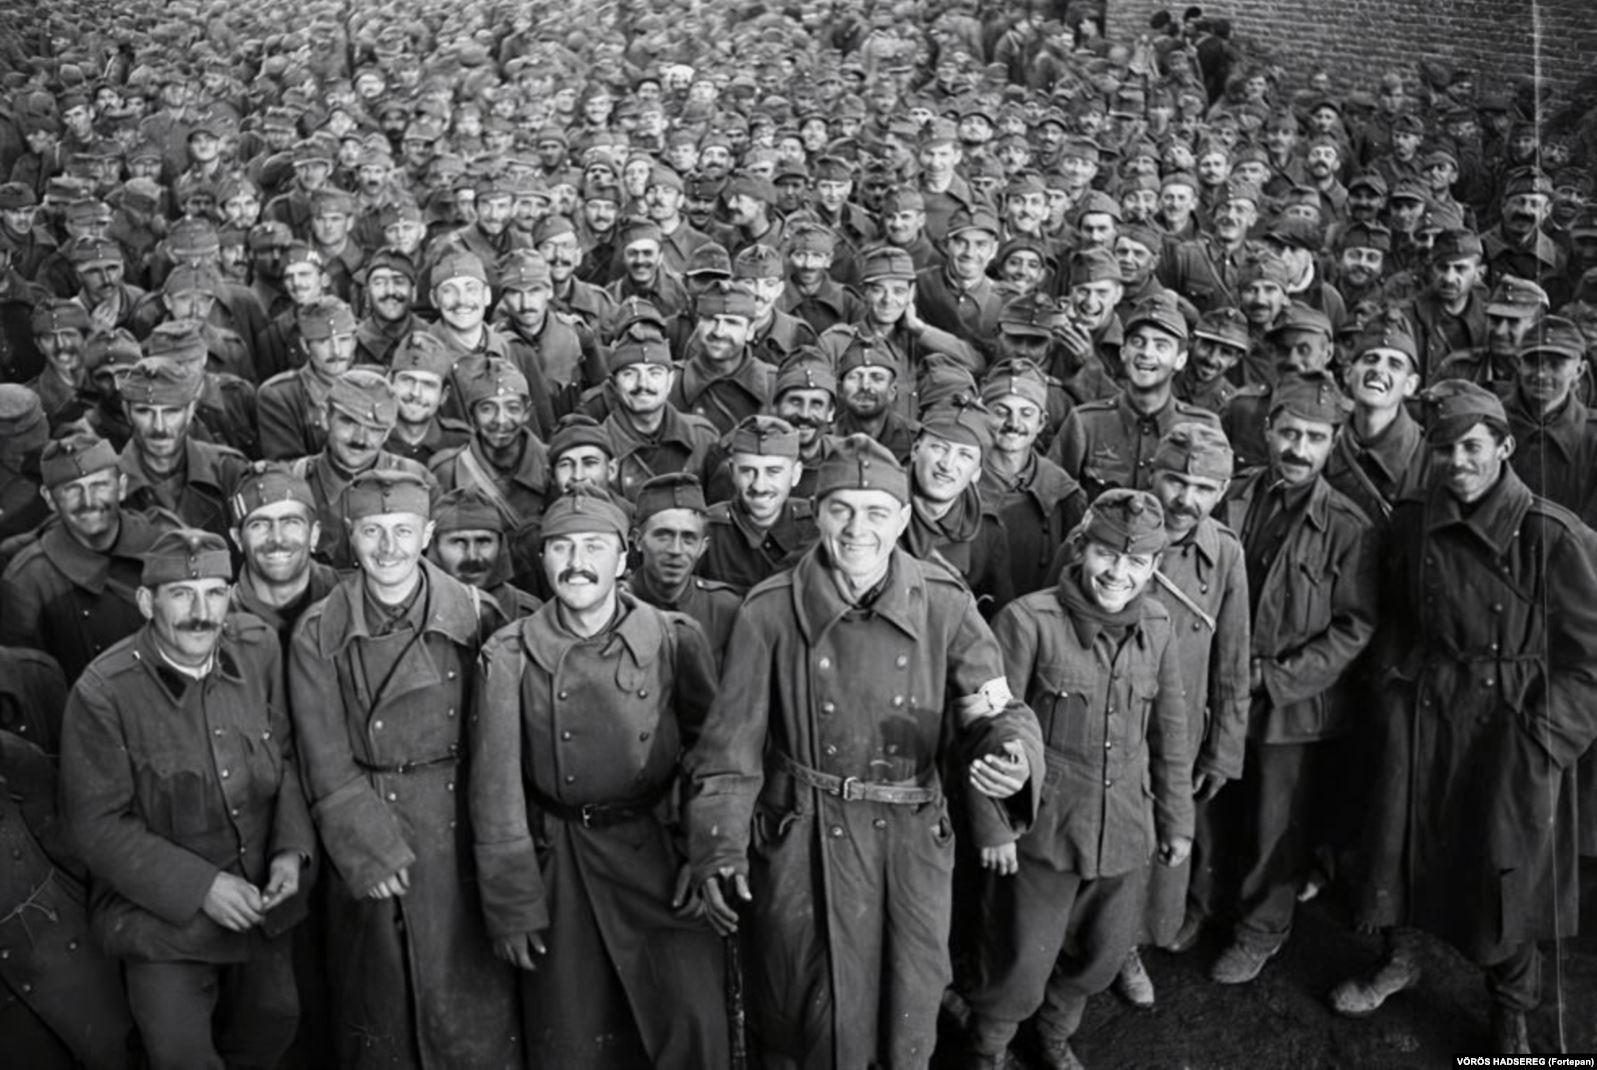 Венгерские военнопленные, захваченные советскими войсками. Во время Второй мировой войны венгерское руководство поддерживало нацистскую Германию, но вело тайные переговоры с западными союзниками без ведома СССР